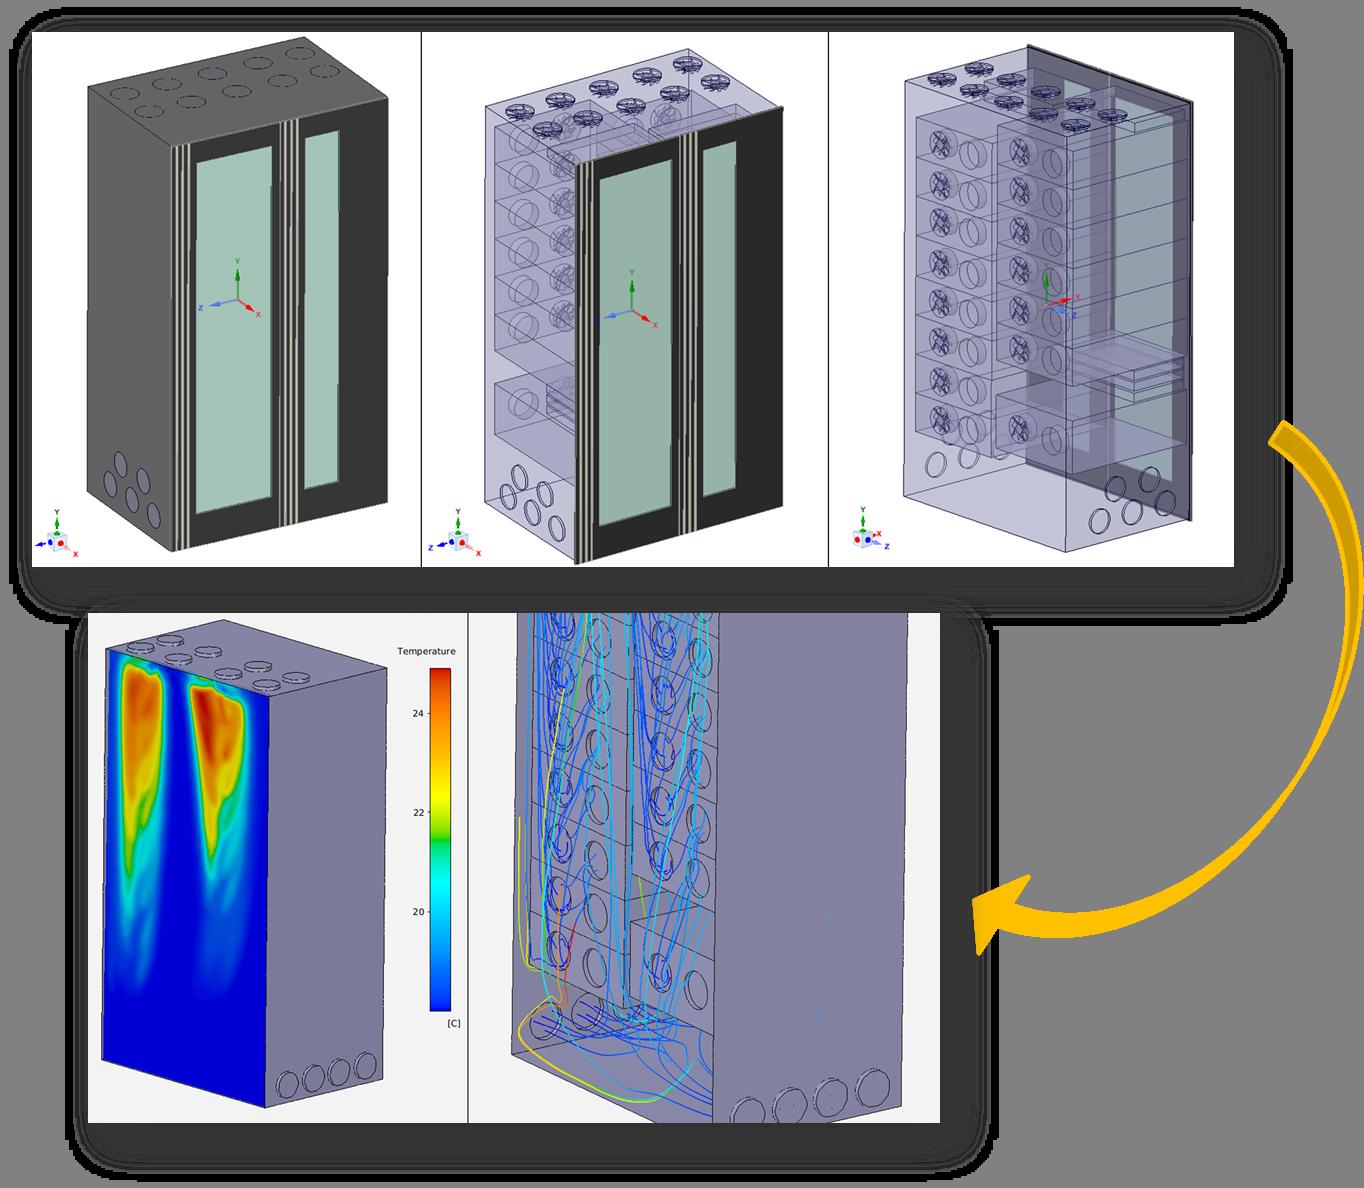 Figura 2 Linhas de correntes e Perfis de Temperatura no interior de um gabinete em uma simulação no ANSYS AIM